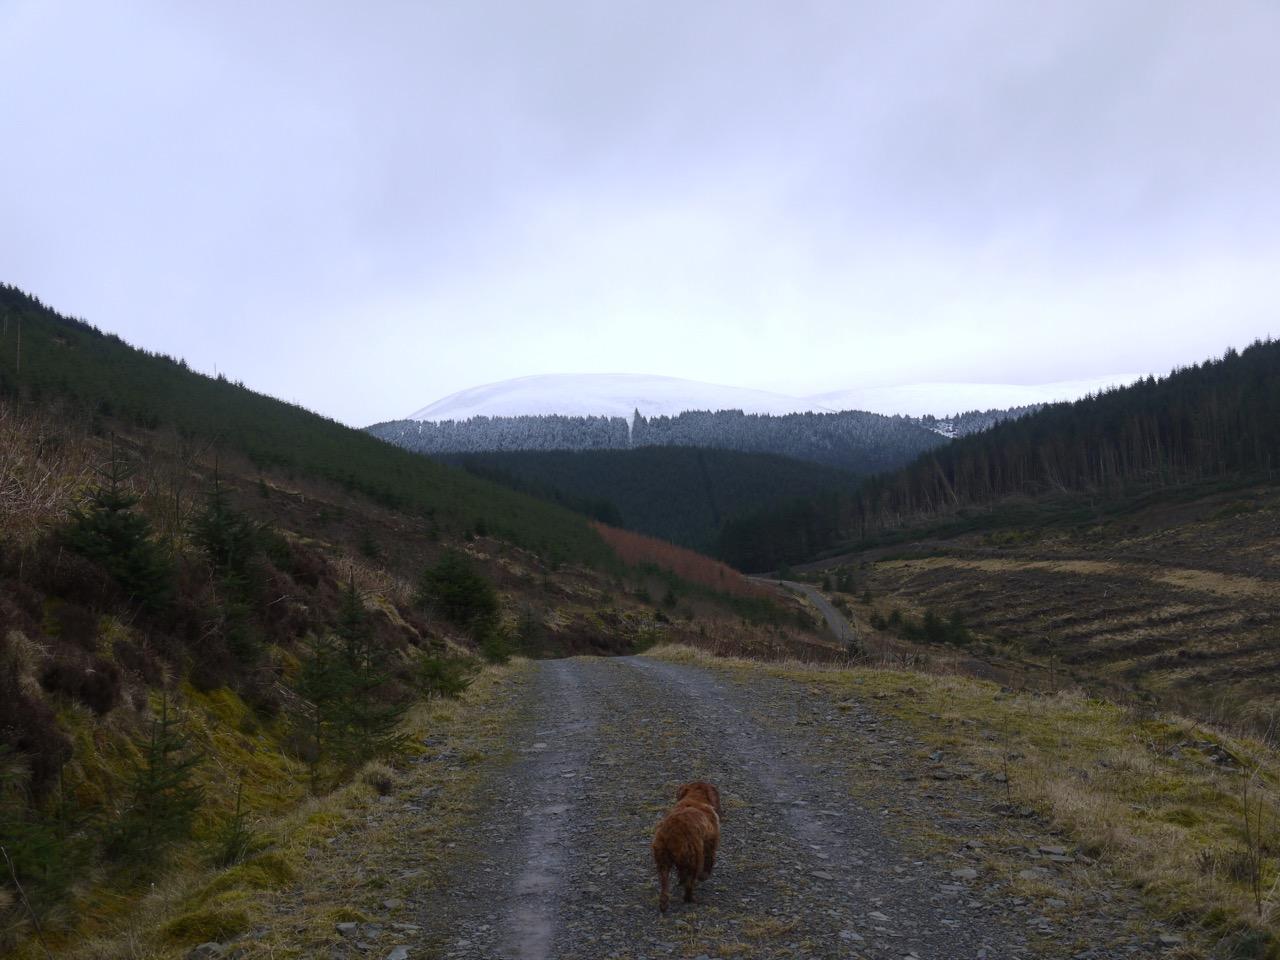 Loch Fell in the distance